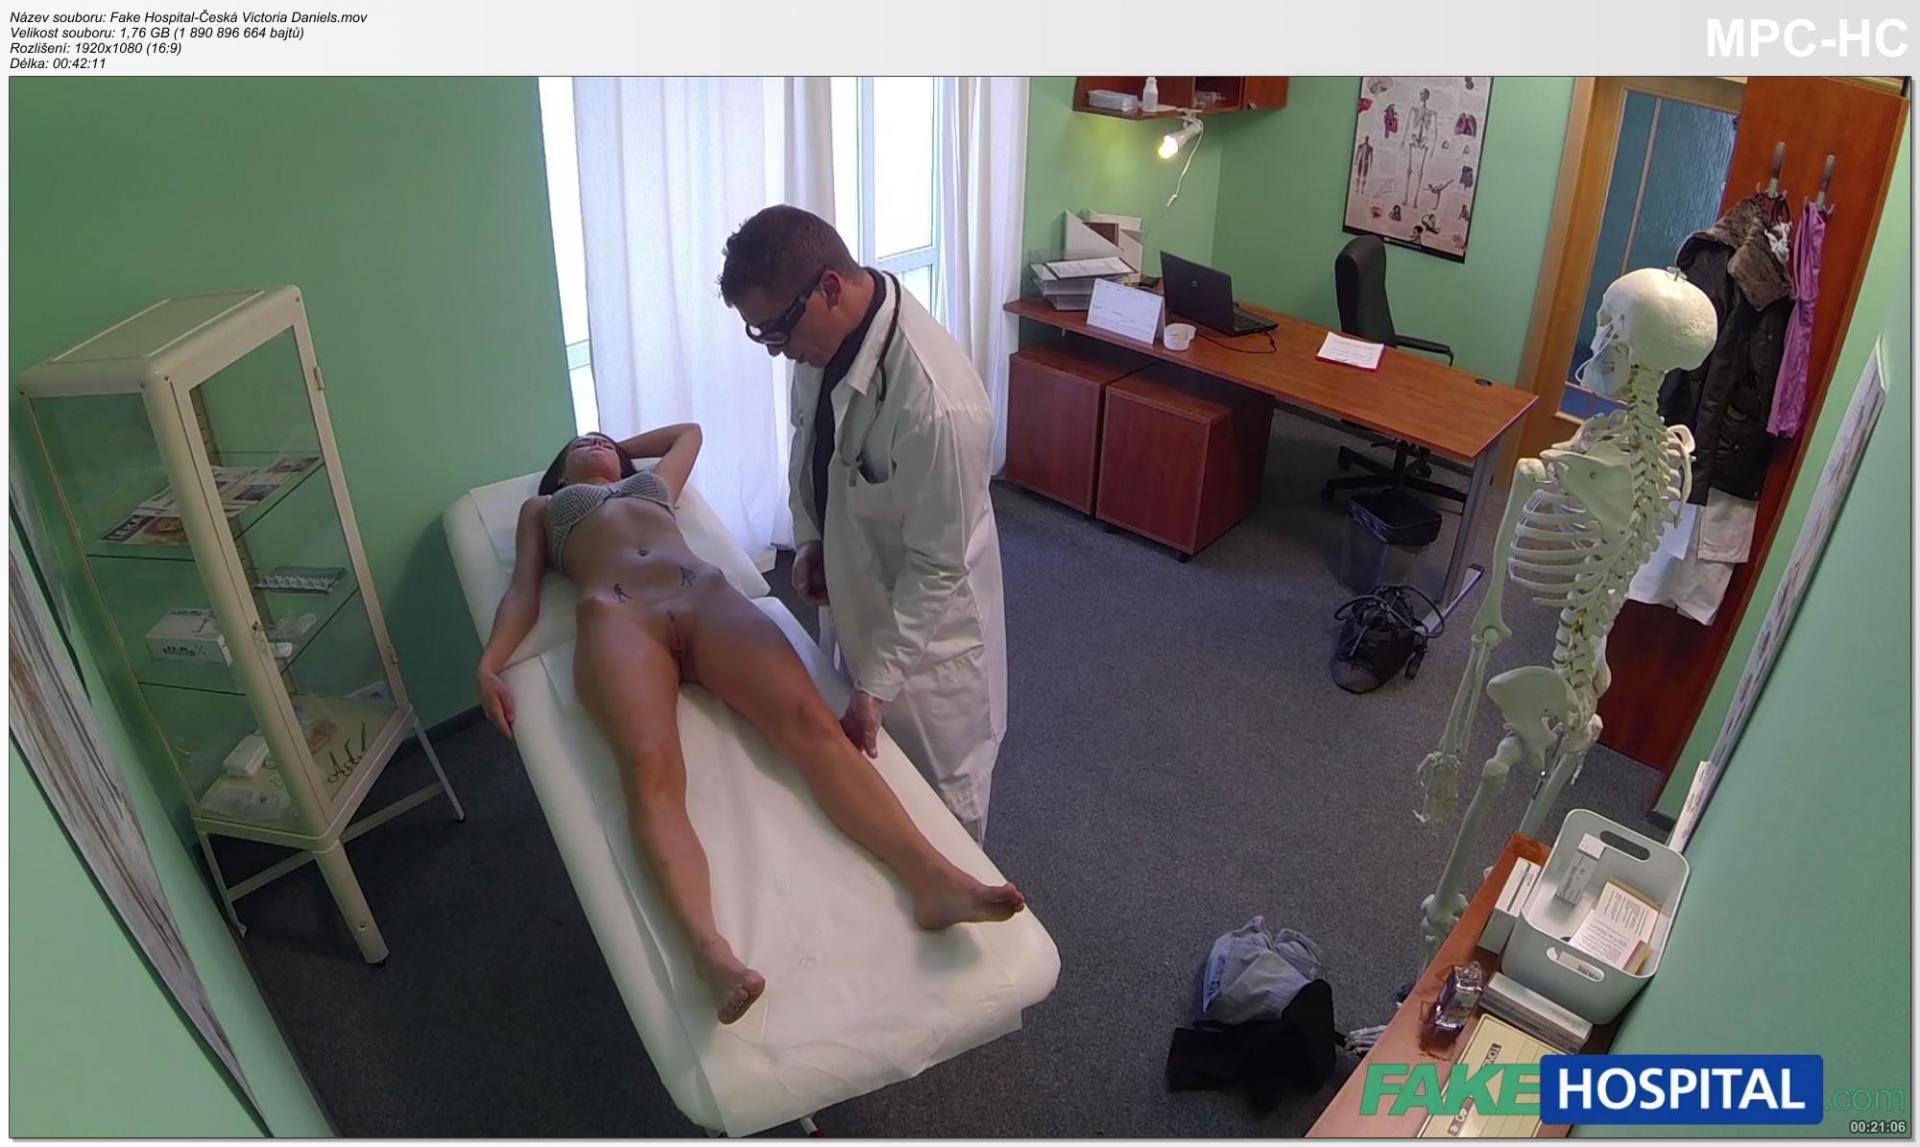 Смотреть на осмотре в больнице порно 10 фотография